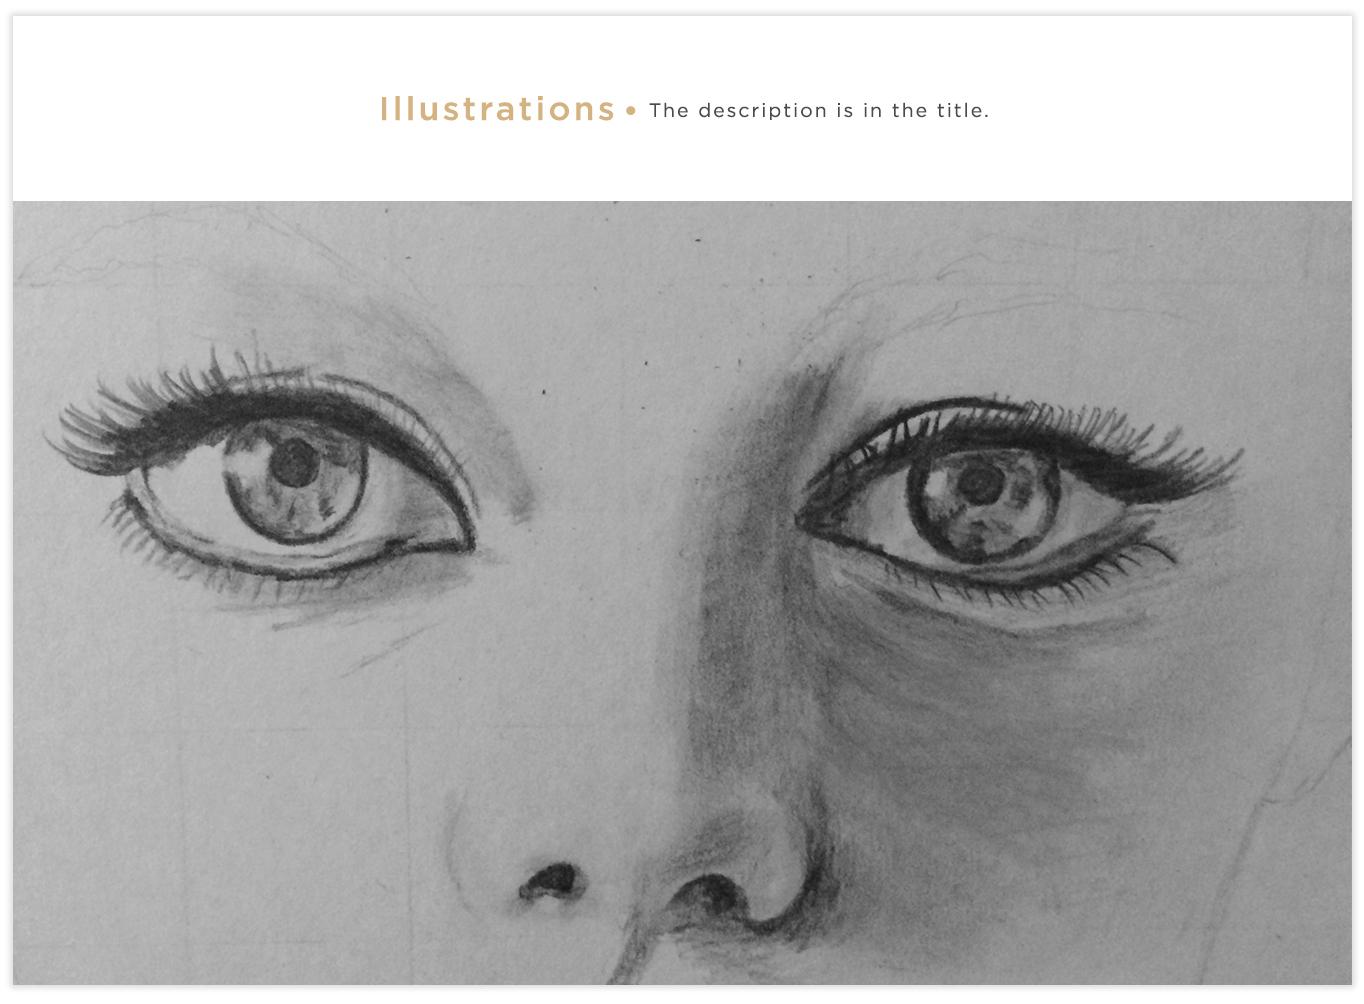 1_illustrations.jpg